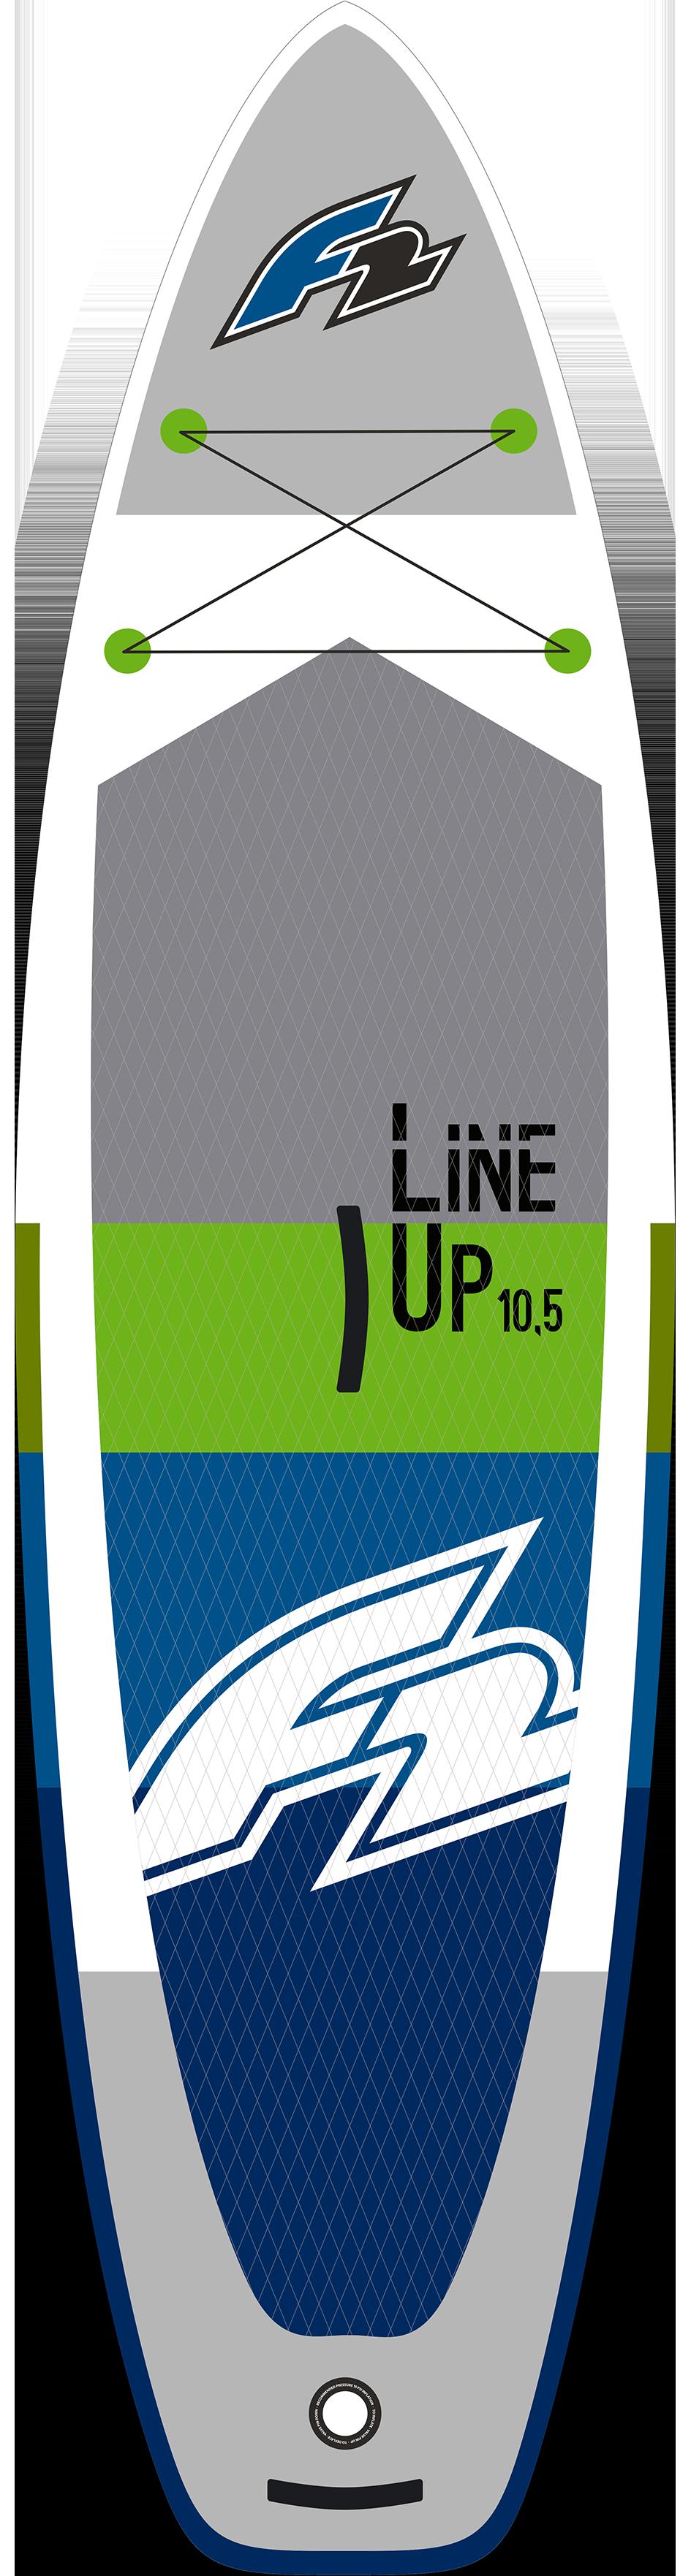 LINE UP - Top